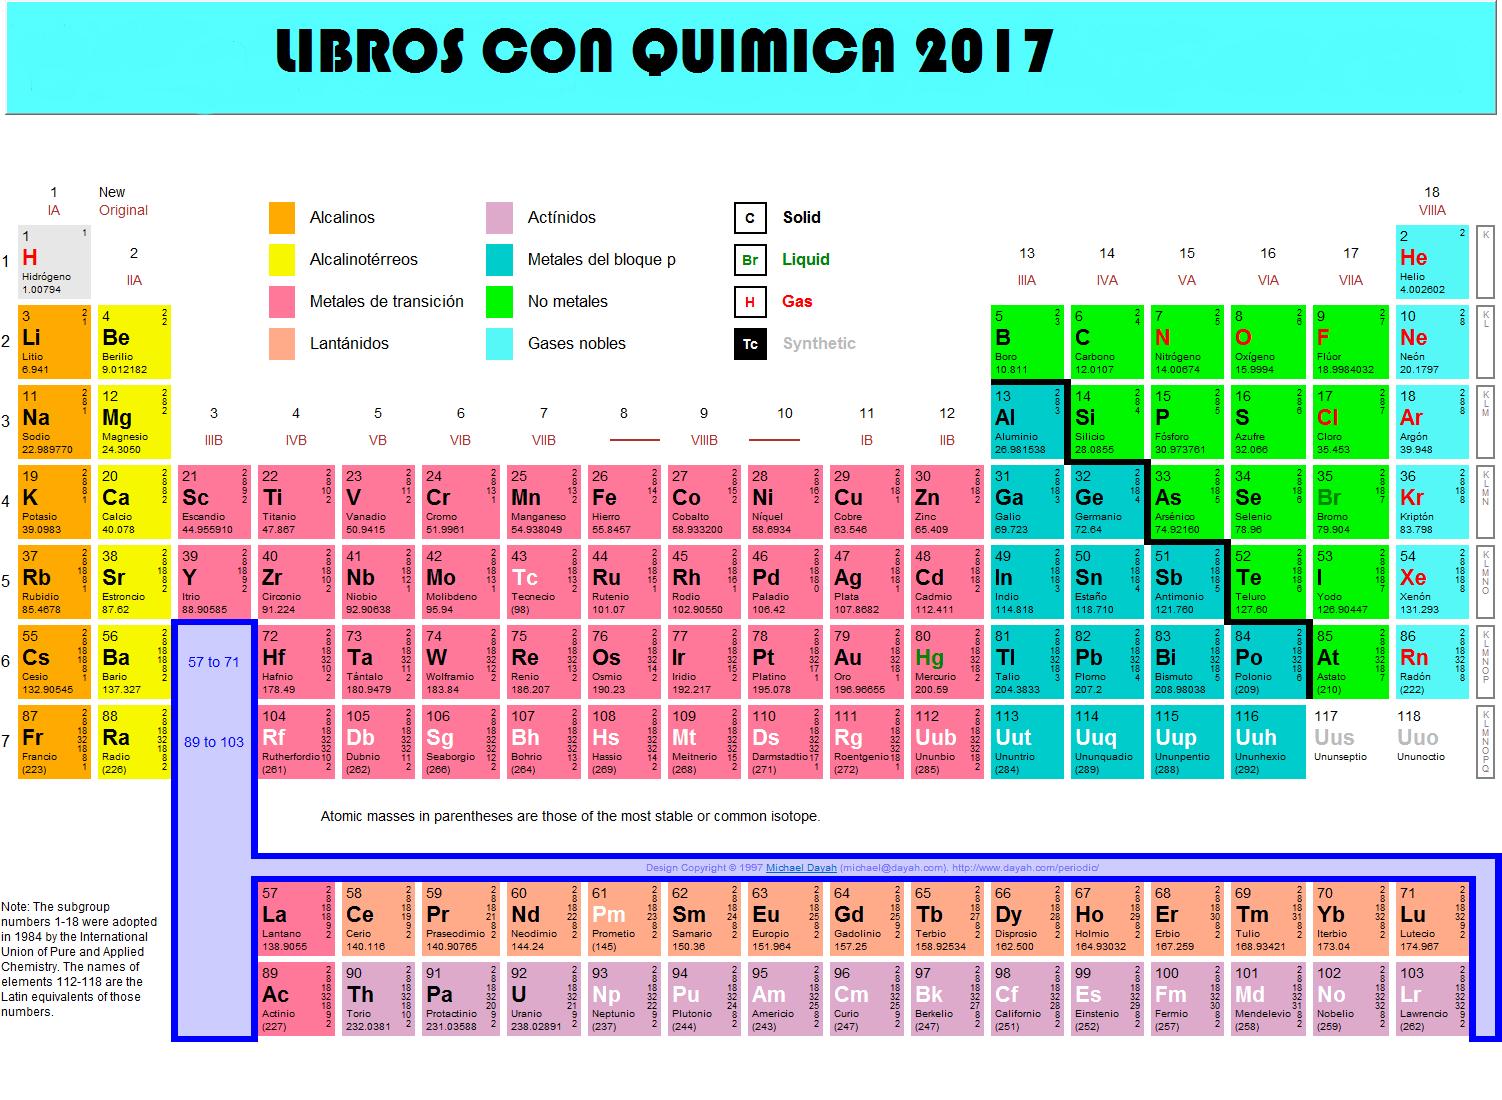 Libris retos y lecturas reto 2017 2018 libros con qumica reto libros con qumica 2017 2018 urtaz Images